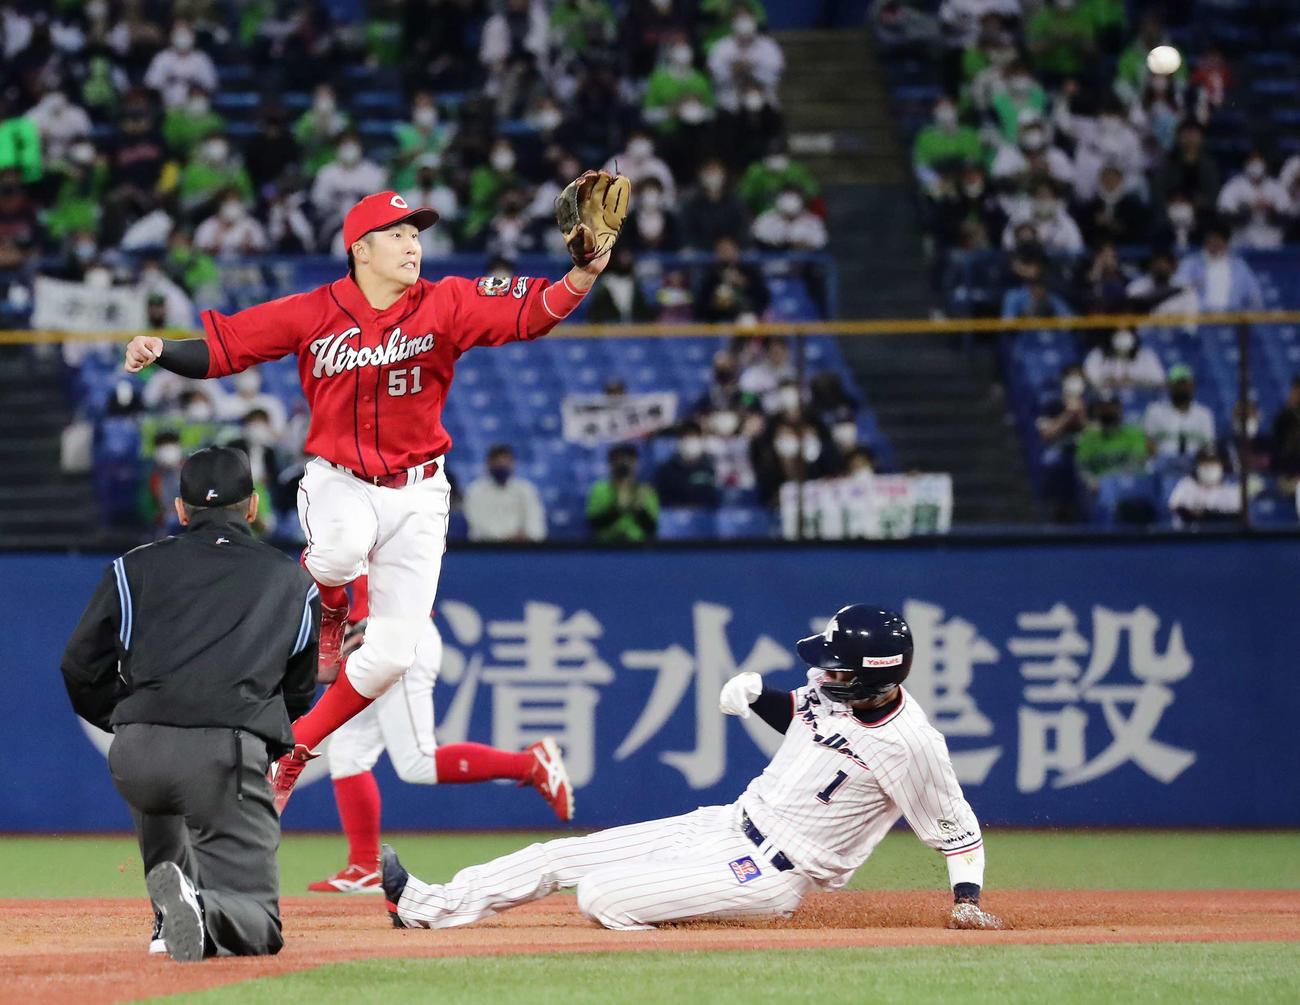 ヤクルト対広島 3回裏ヤクルト2死一塁、打者村上のとき一塁走者山田が二盗を決める。遊撃手小園(撮影・丹羽敏通)